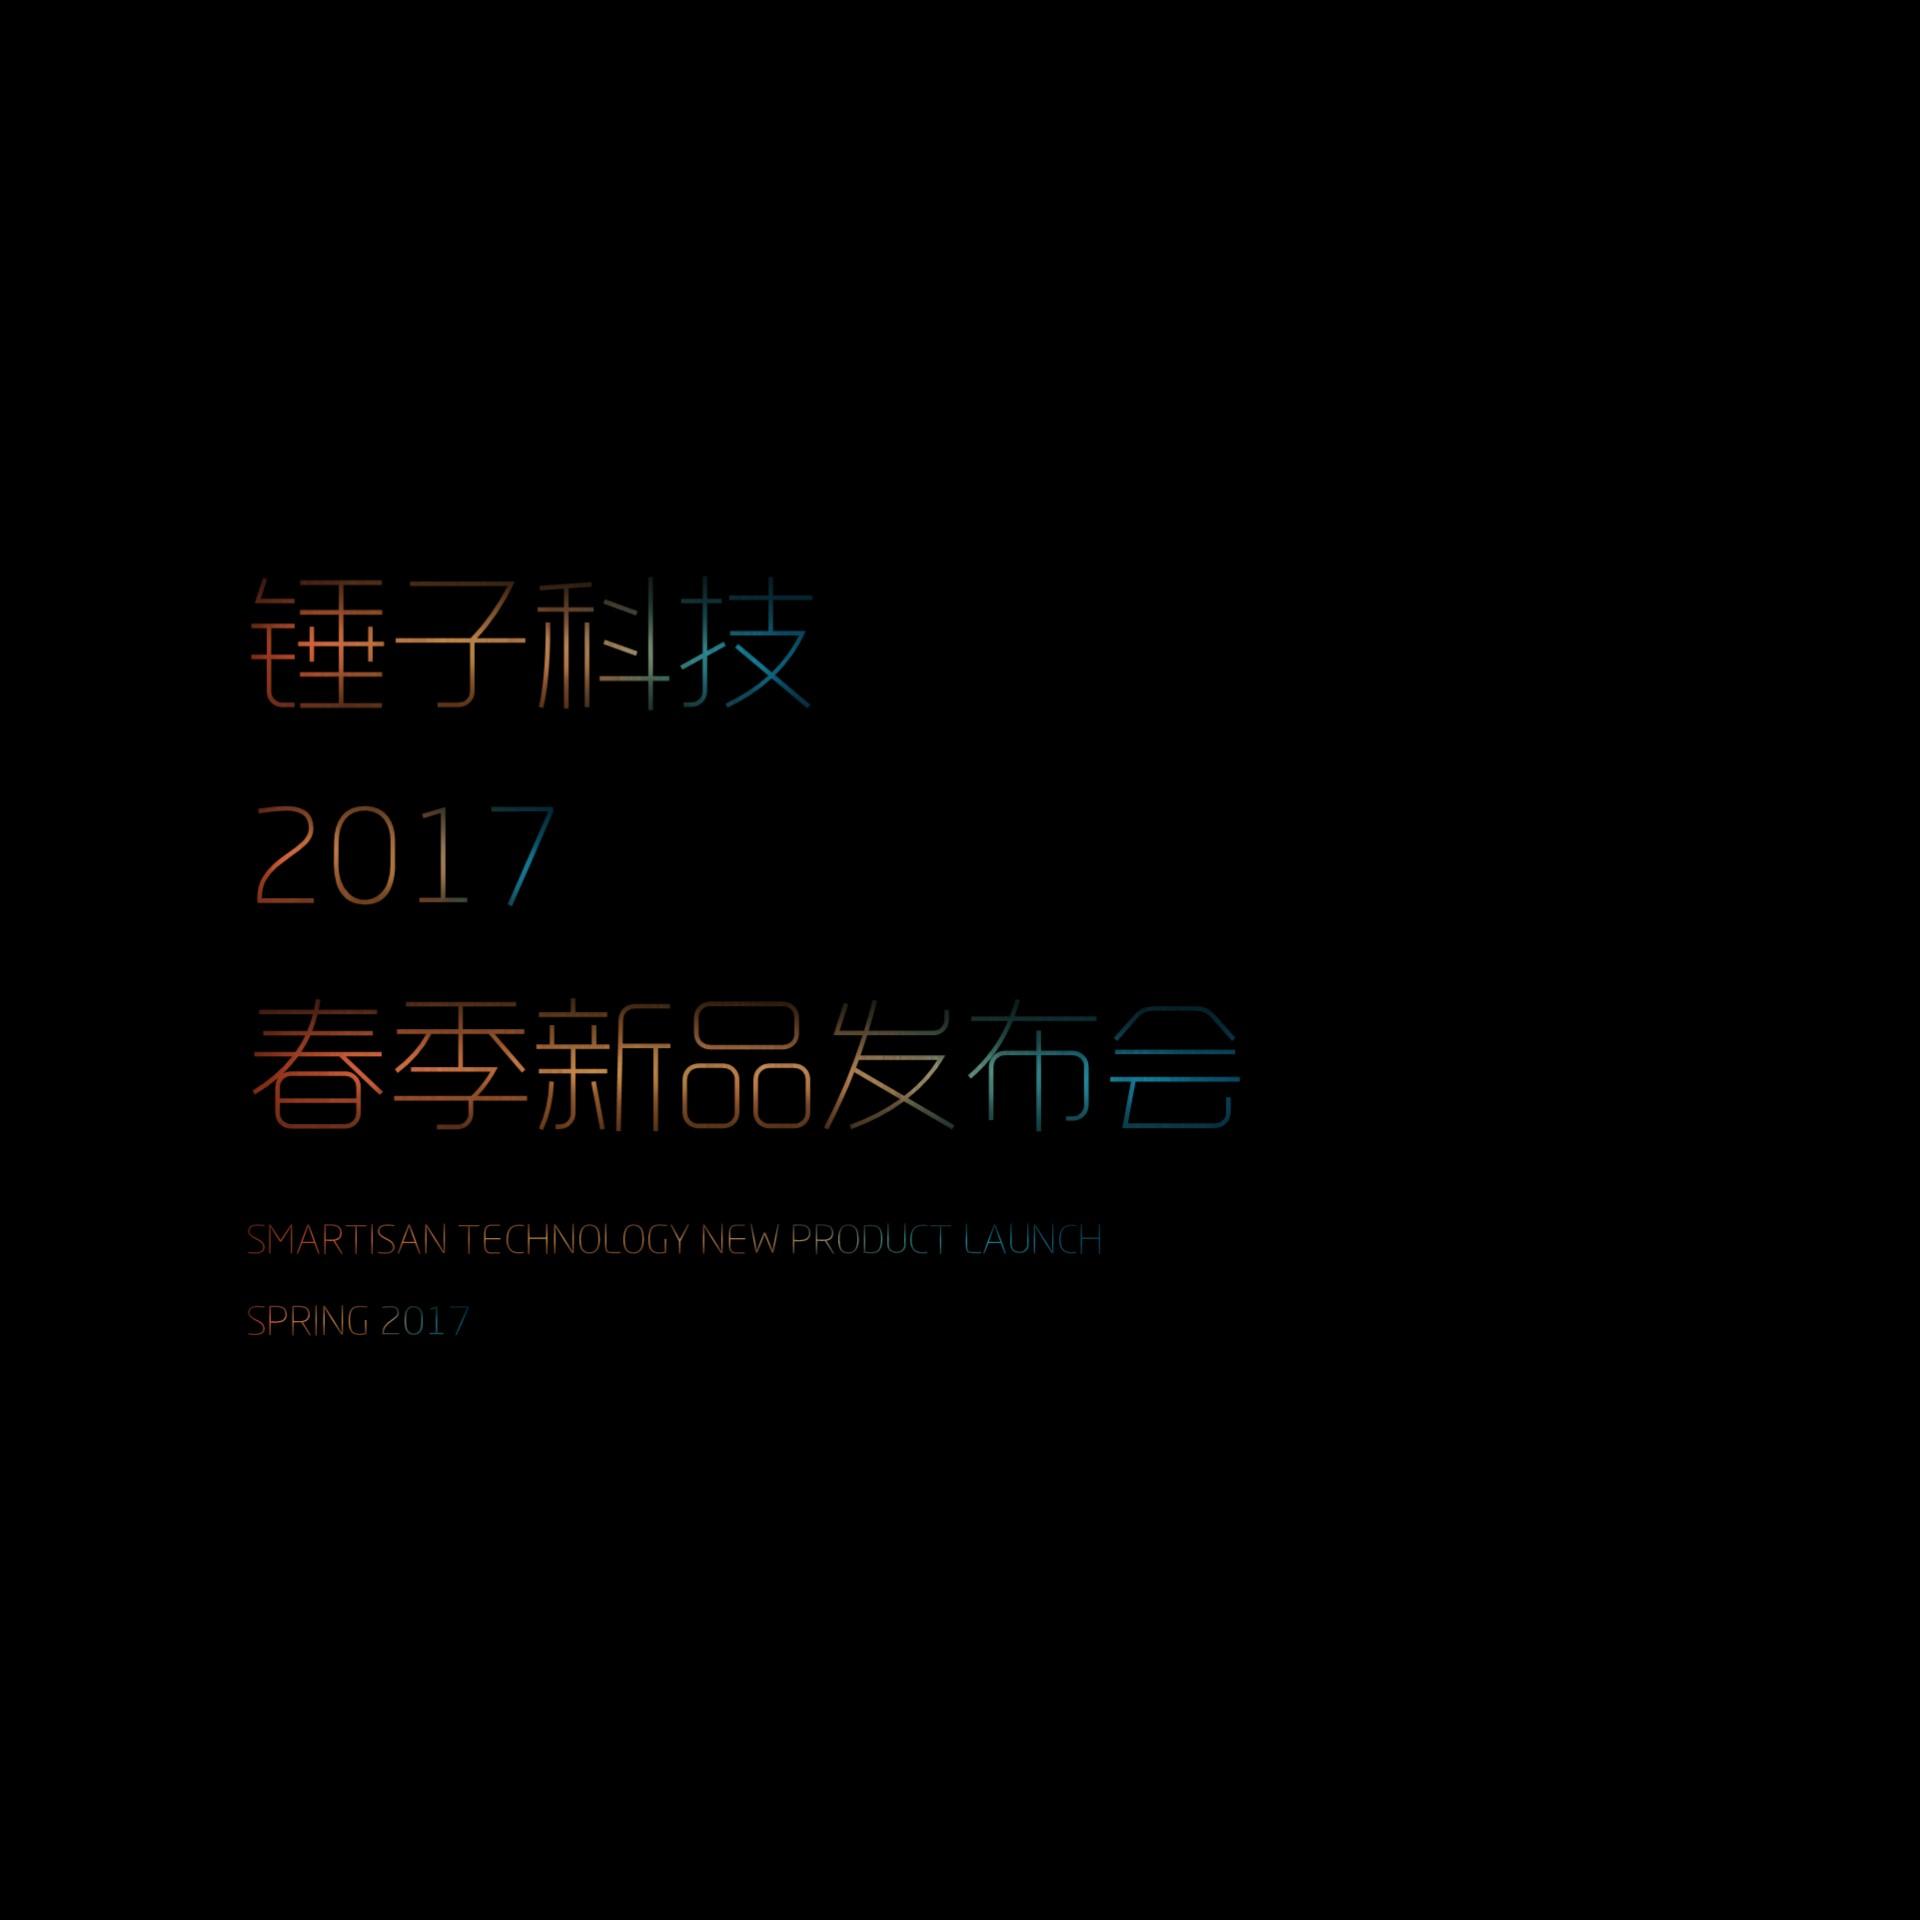 20170427-2017锤子科技春季新品发布会版朋友圈封面-1.jpg